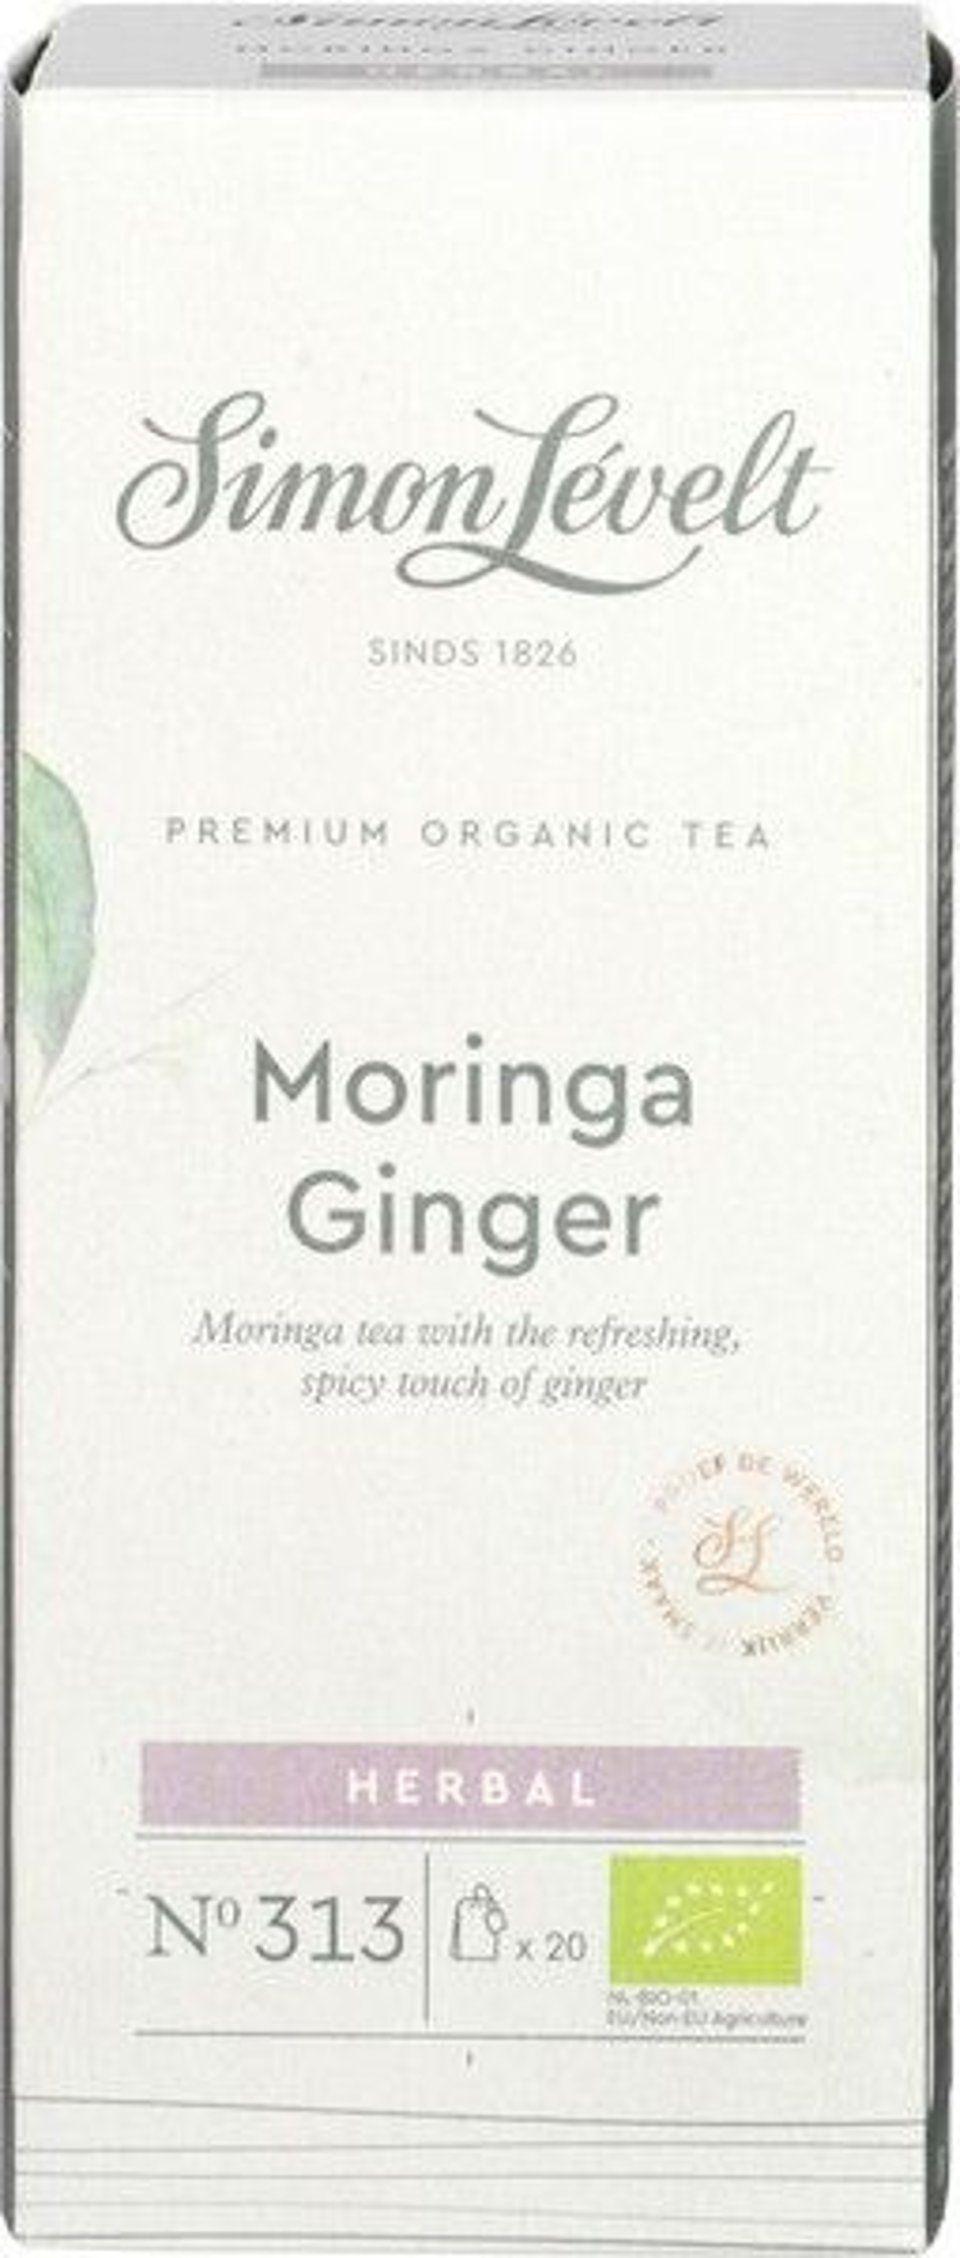 Moringa ginger thee